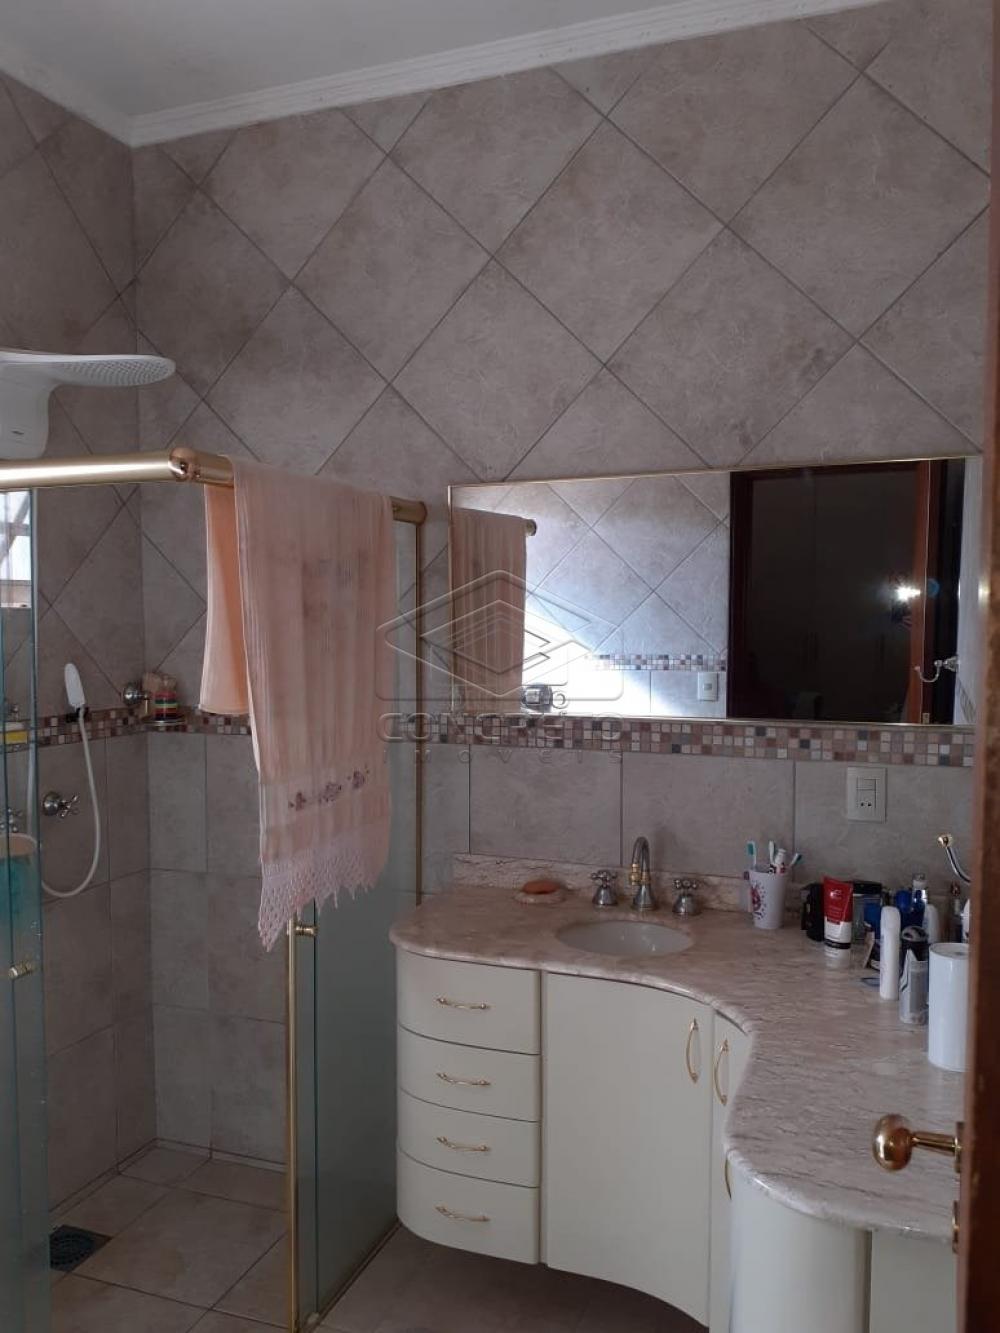 Comprar Casa / Padrão em Sao Manuel apenas R$ 1.250.000,00 - Foto 55